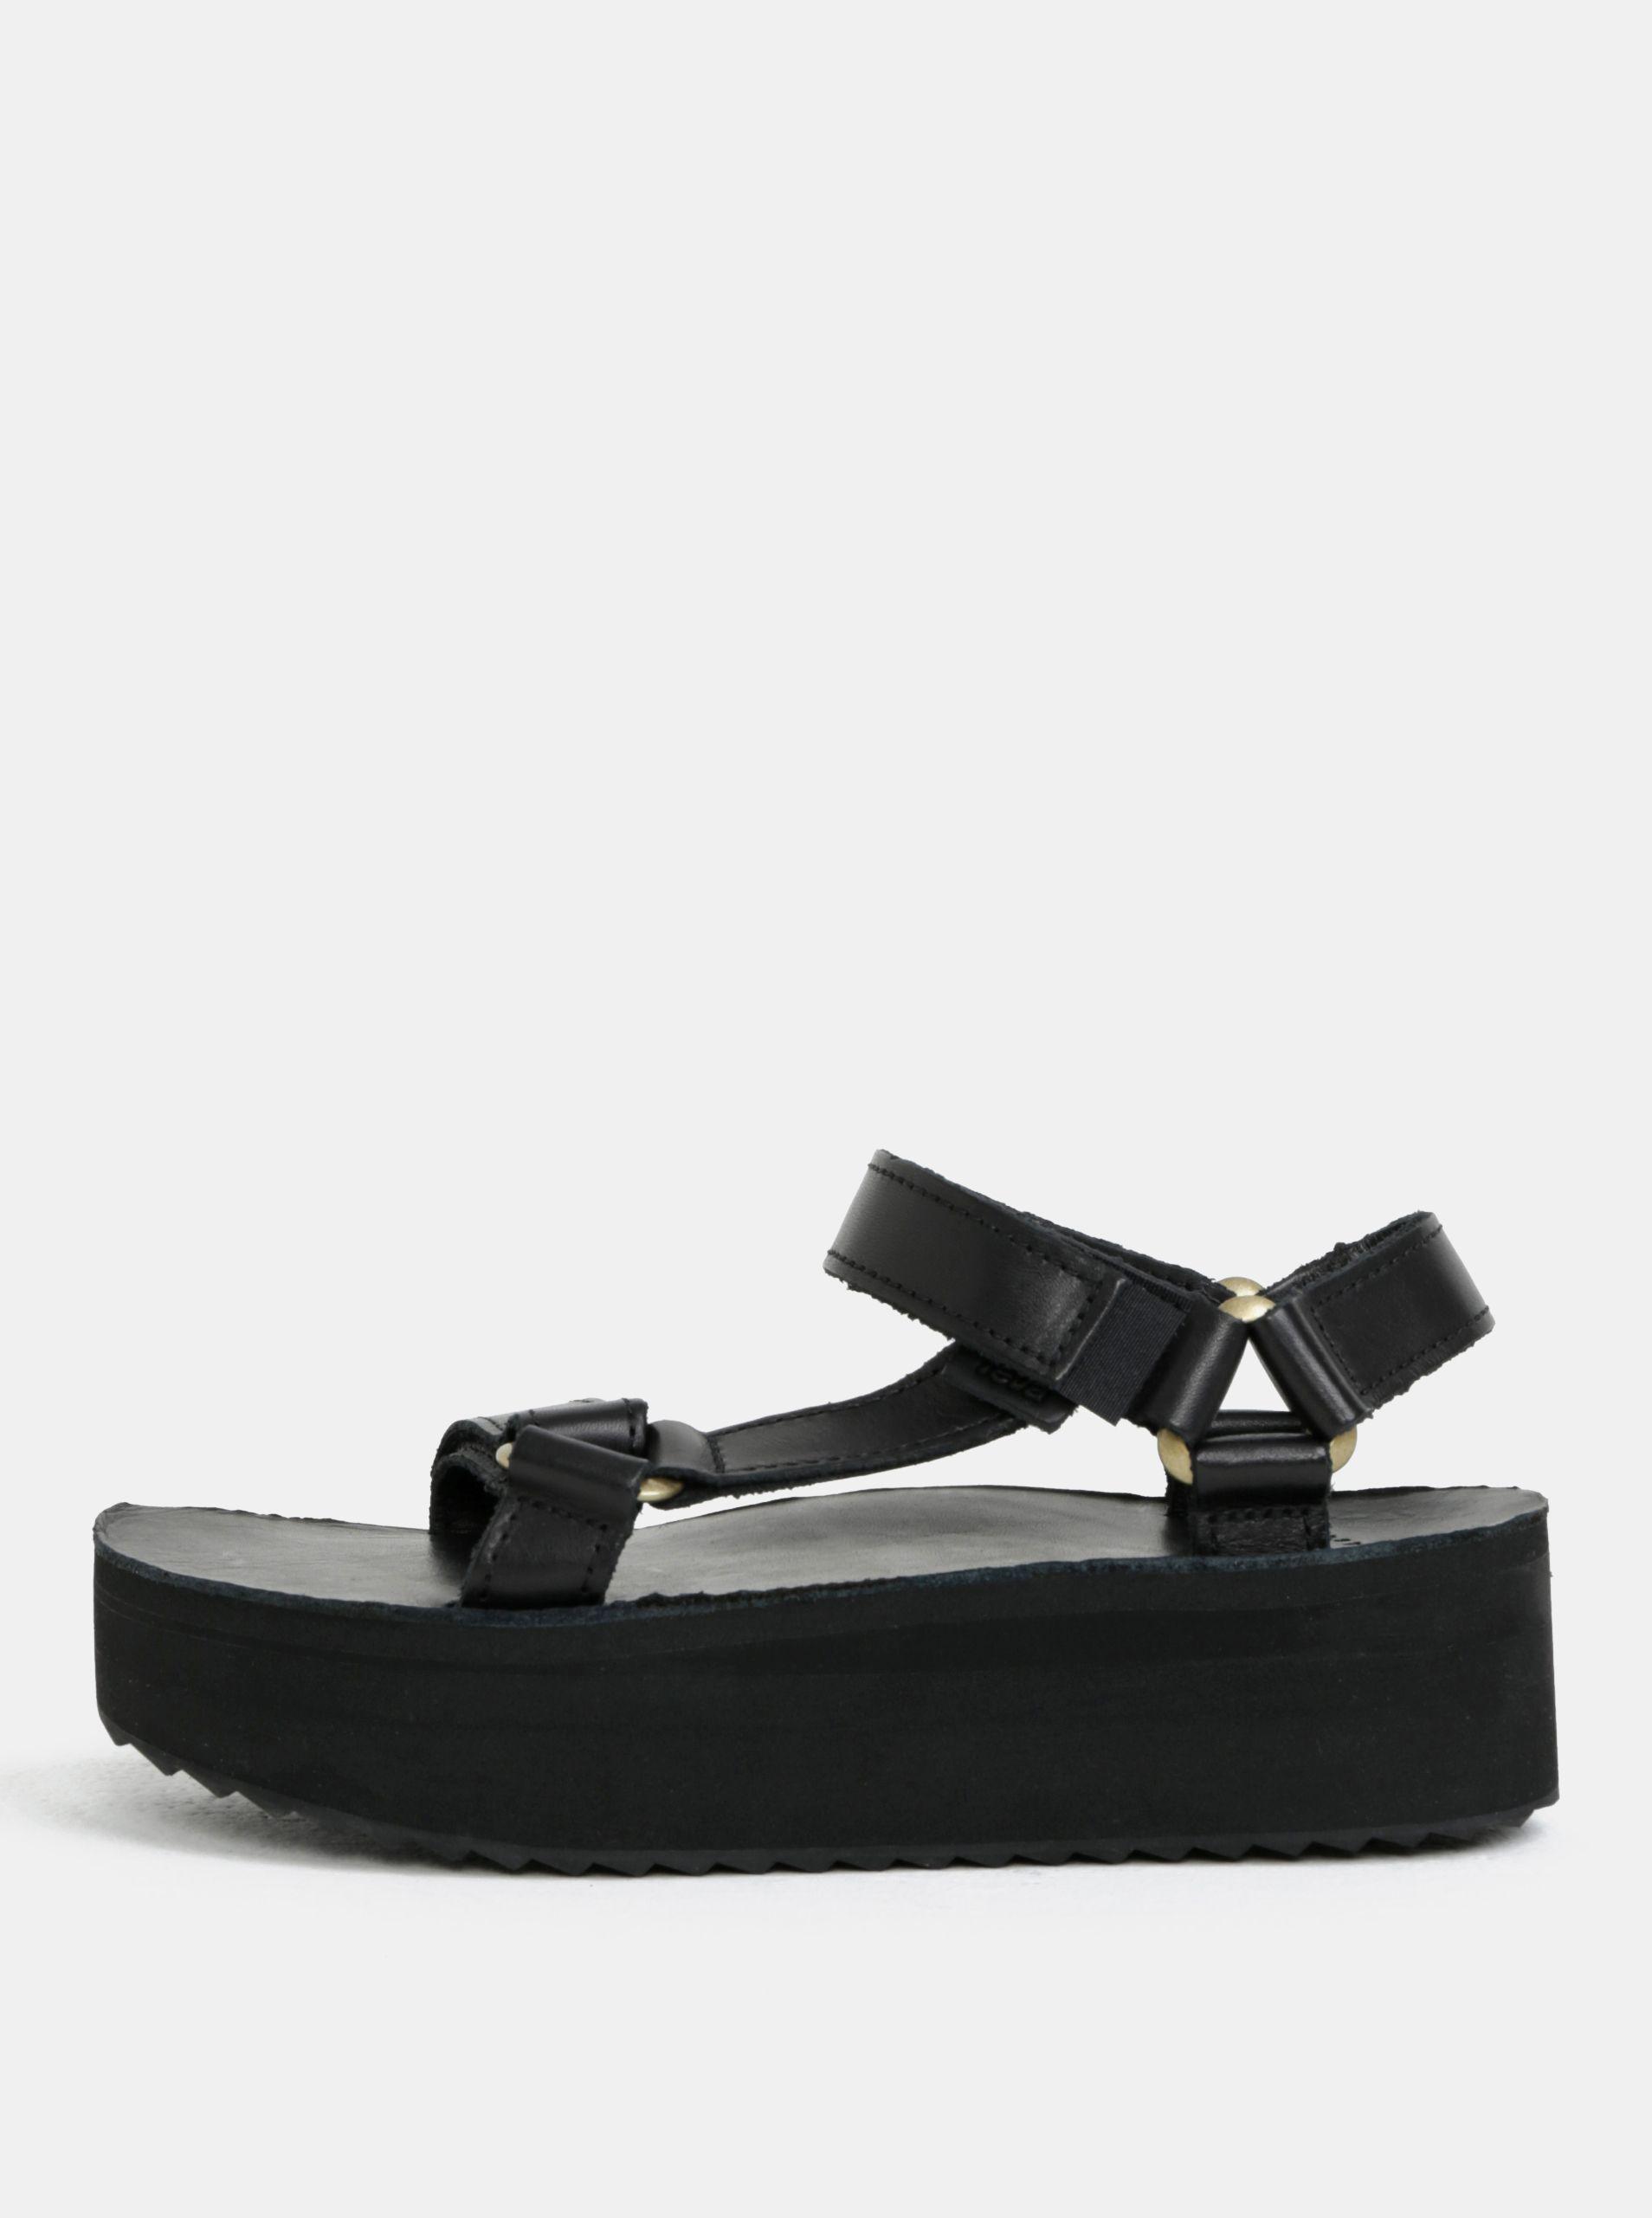 fd1e8d431 Typ: dámske kožené sandále na platforme na bežné nosenie Farba: čierna  Zapínanie: suchý zips Materiál: remienky – pravá koža stielka – pravá koža  podrážka ...